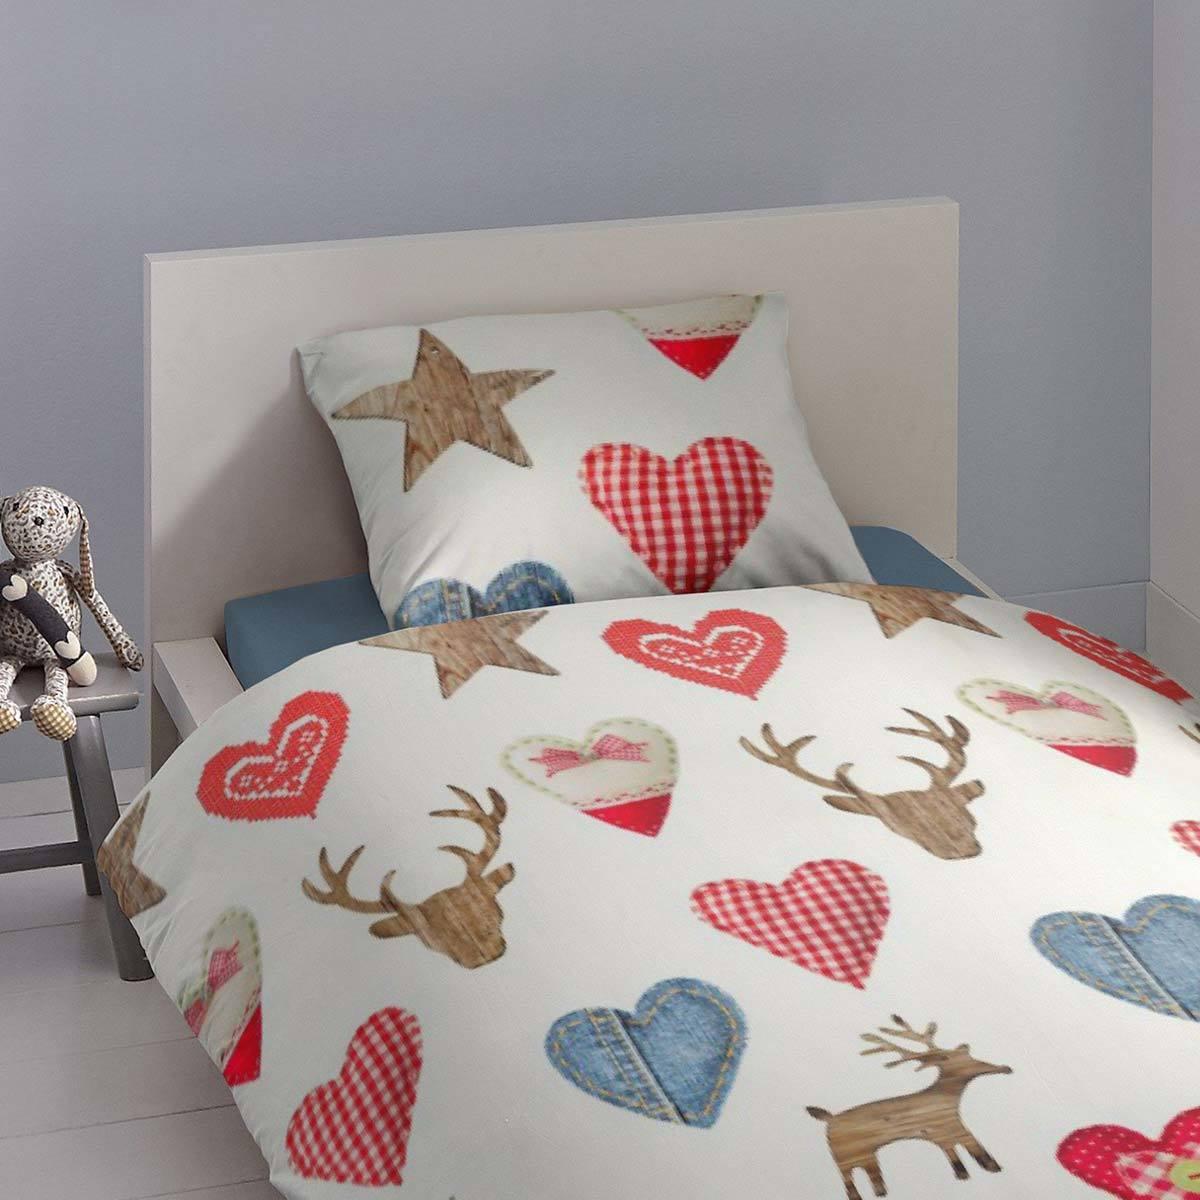 traumschlaf flanell bettw sche hirsche und herzen g nstig online kaufen bei bettwaren shop. Black Bedroom Furniture Sets. Home Design Ideas